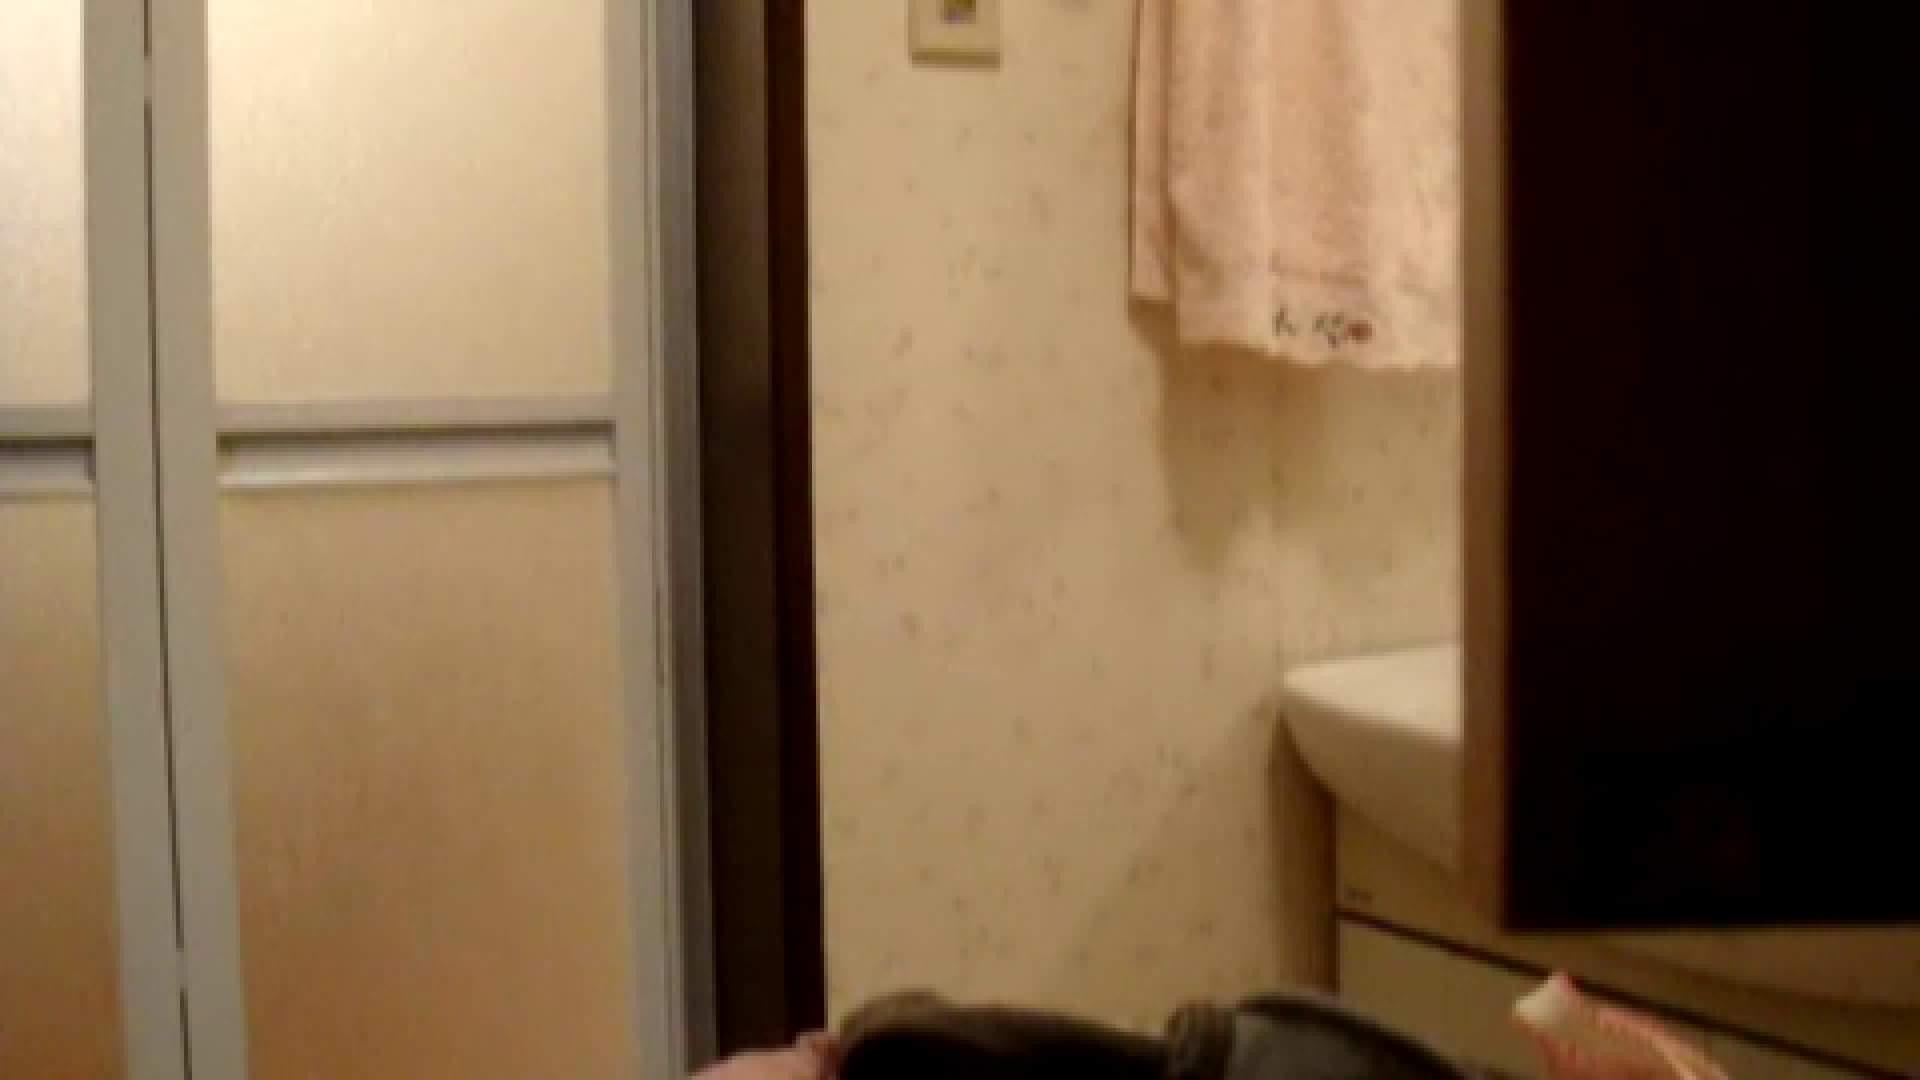 二人とも育てた甲斐がありました… vol.08 まどかの入浴中にカメラに気付いたか!? OLのエロ生活   ギャル入浴  71連発 55